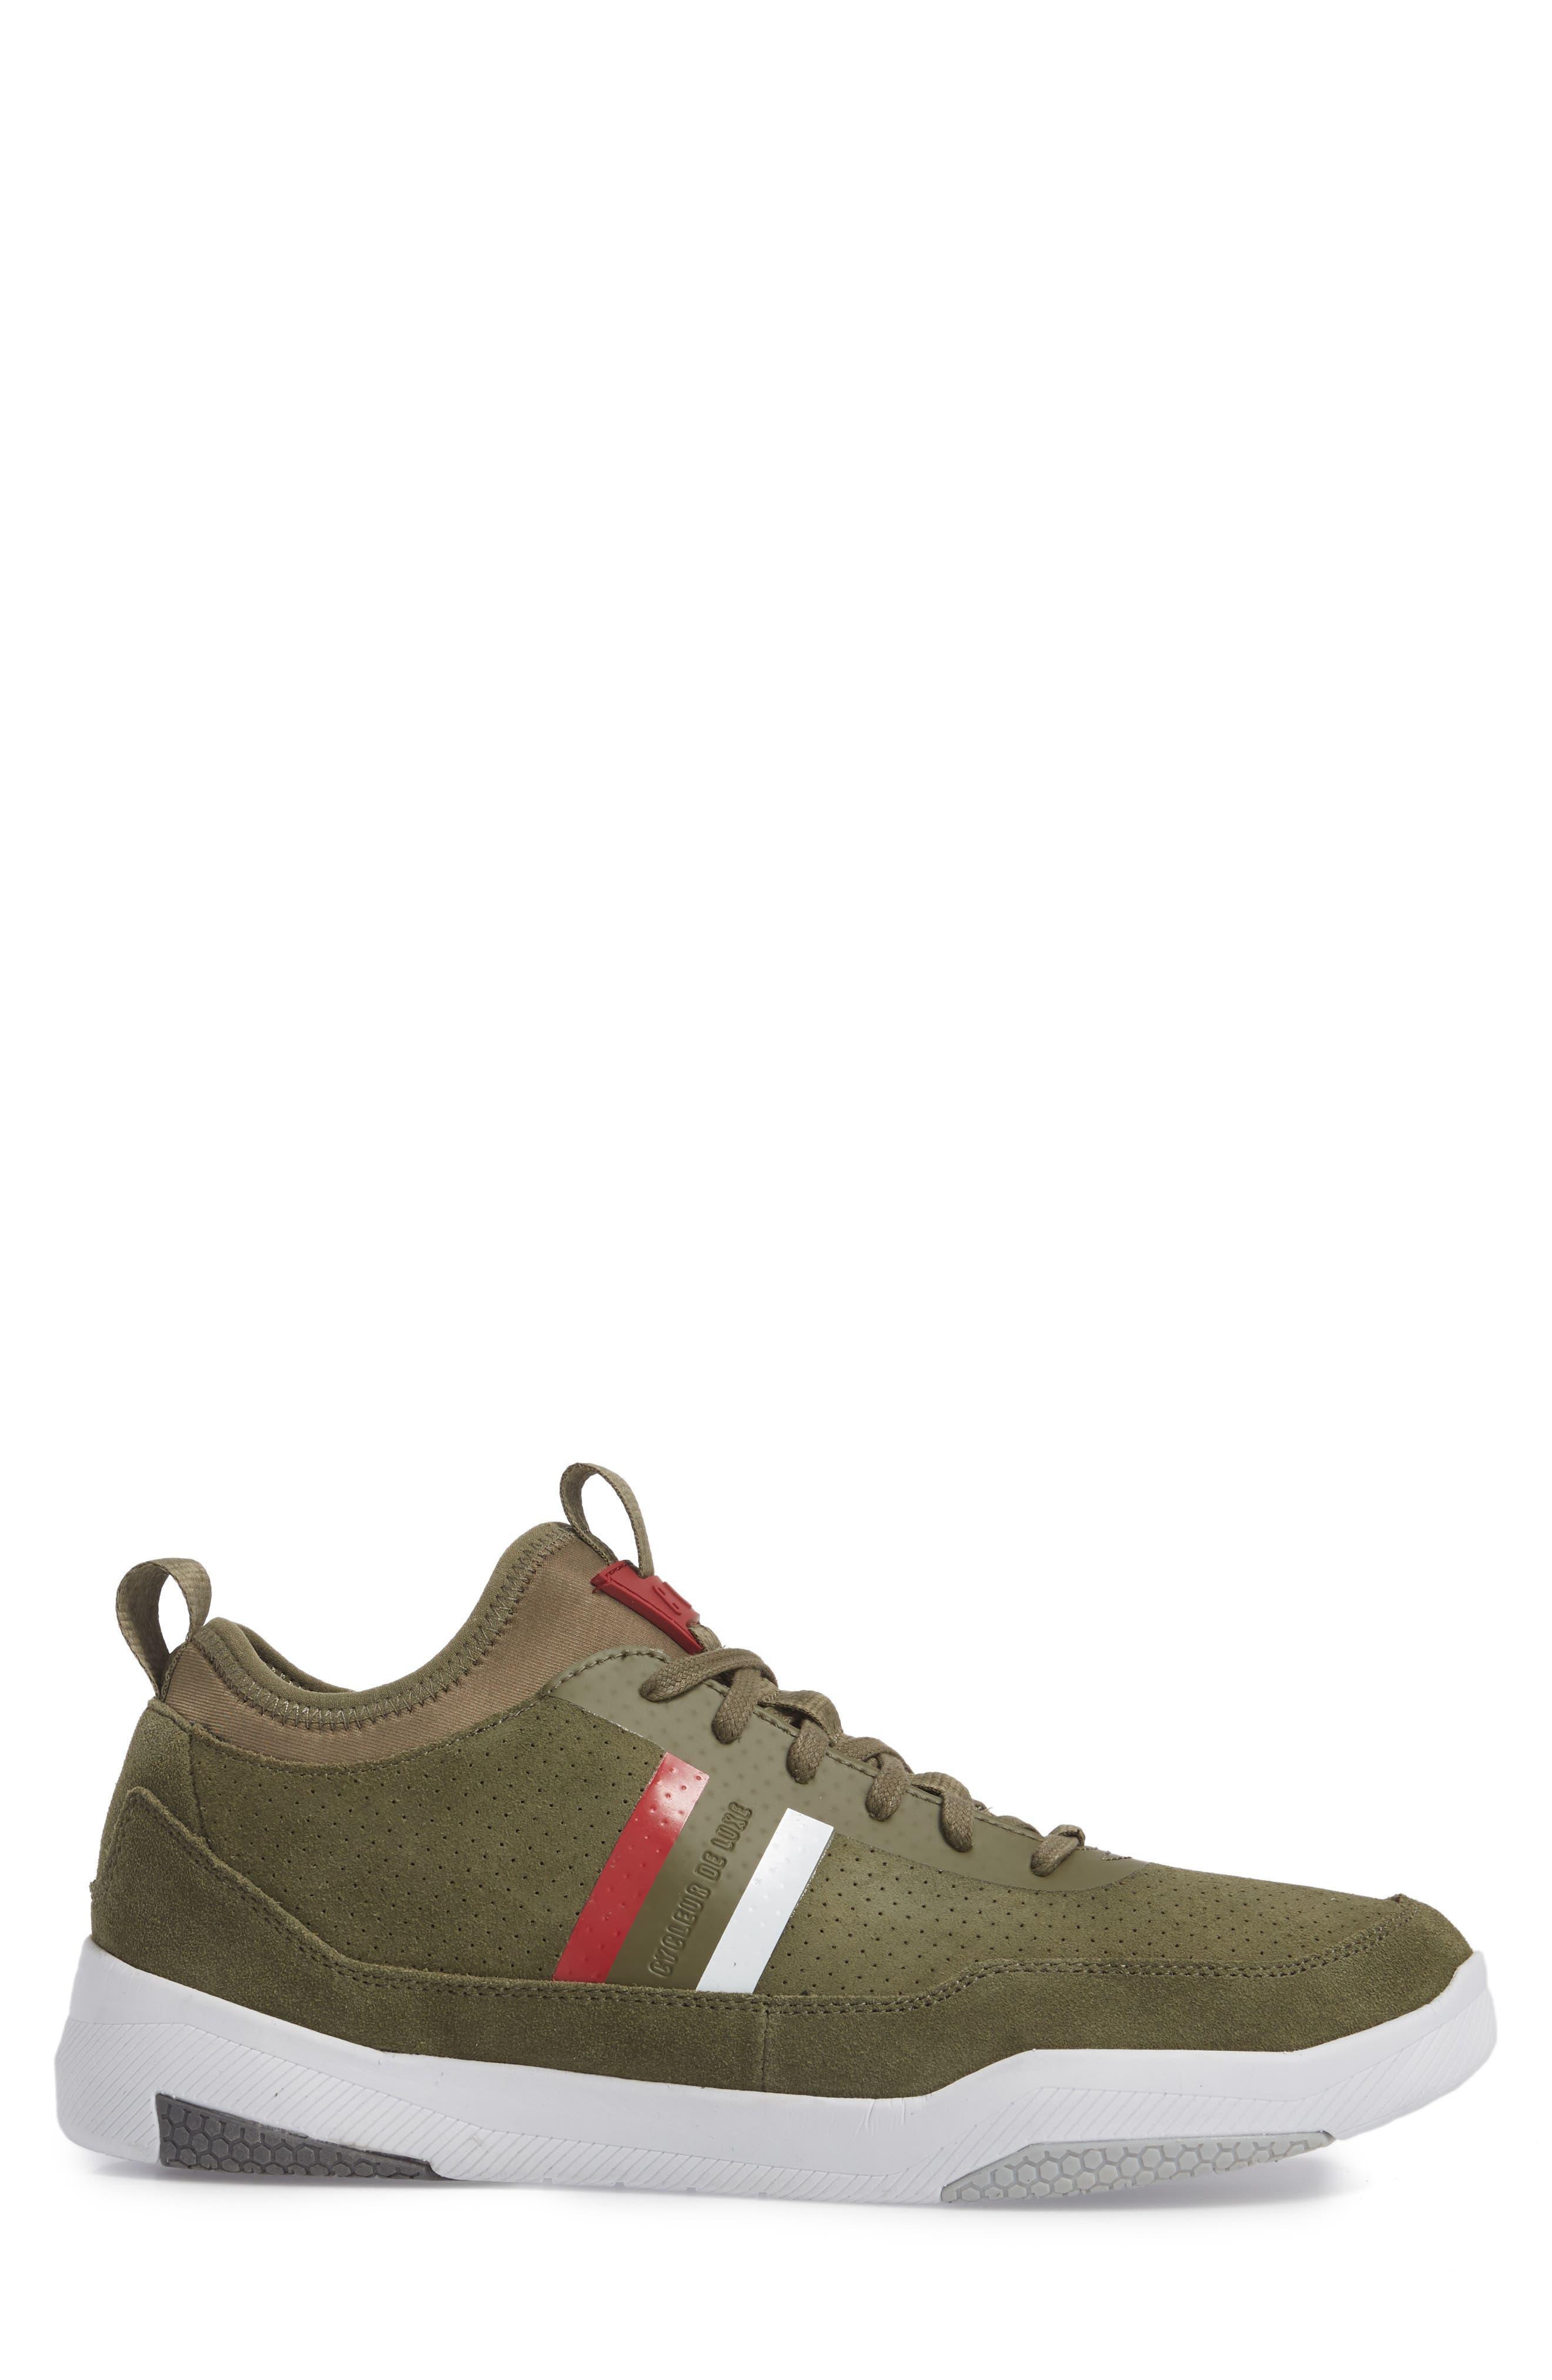 Shiro Hi Sock Fit Sneaker,                             Alternate thumbnail 3, color,                             Military Green Suede